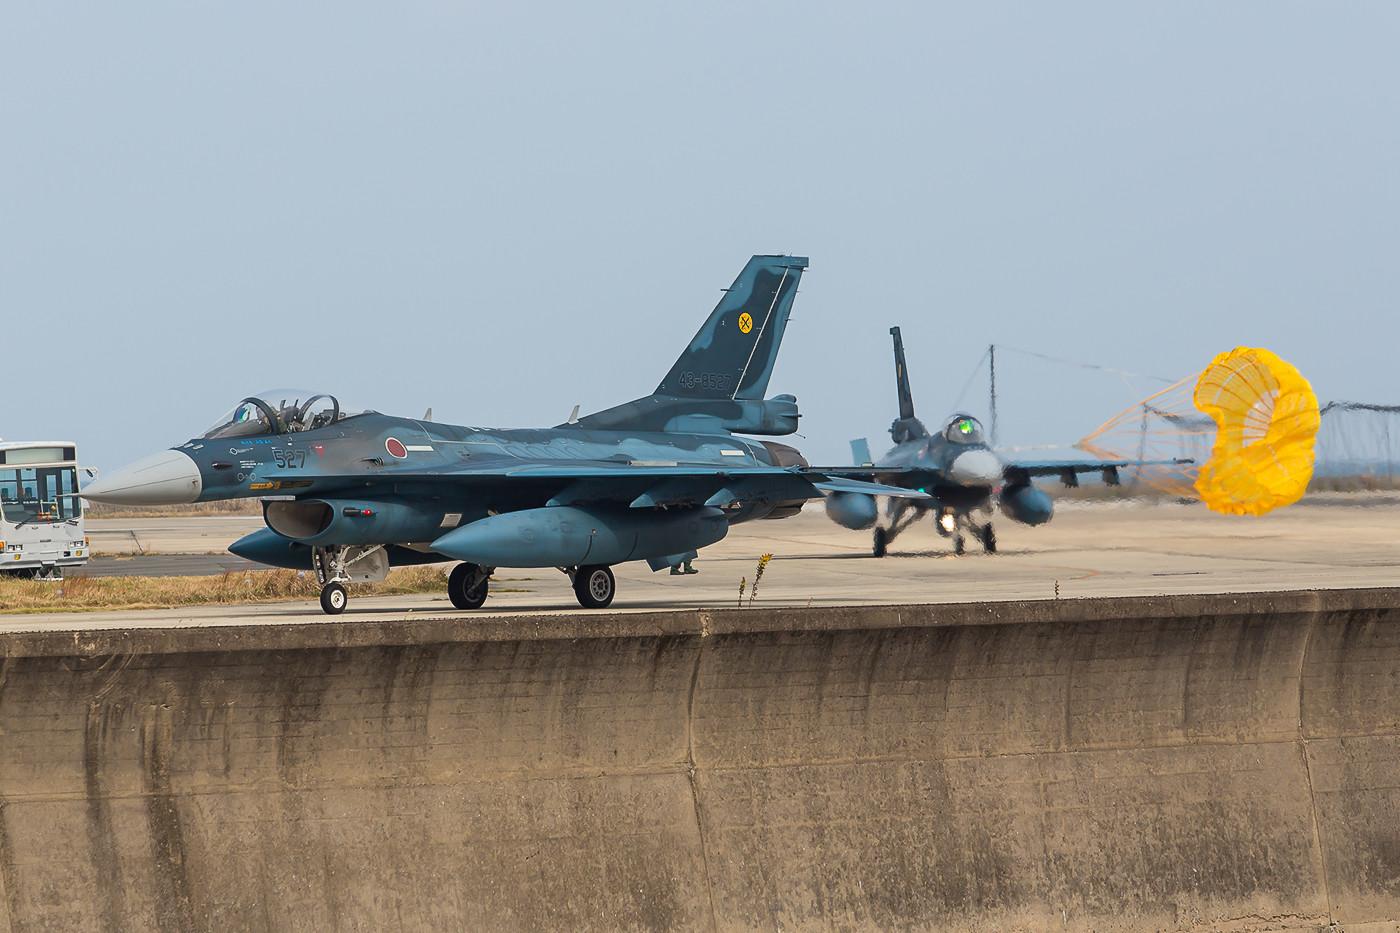 Es verbleiben dann nur noch 18 F-2 und 4 T-4 am Standort.